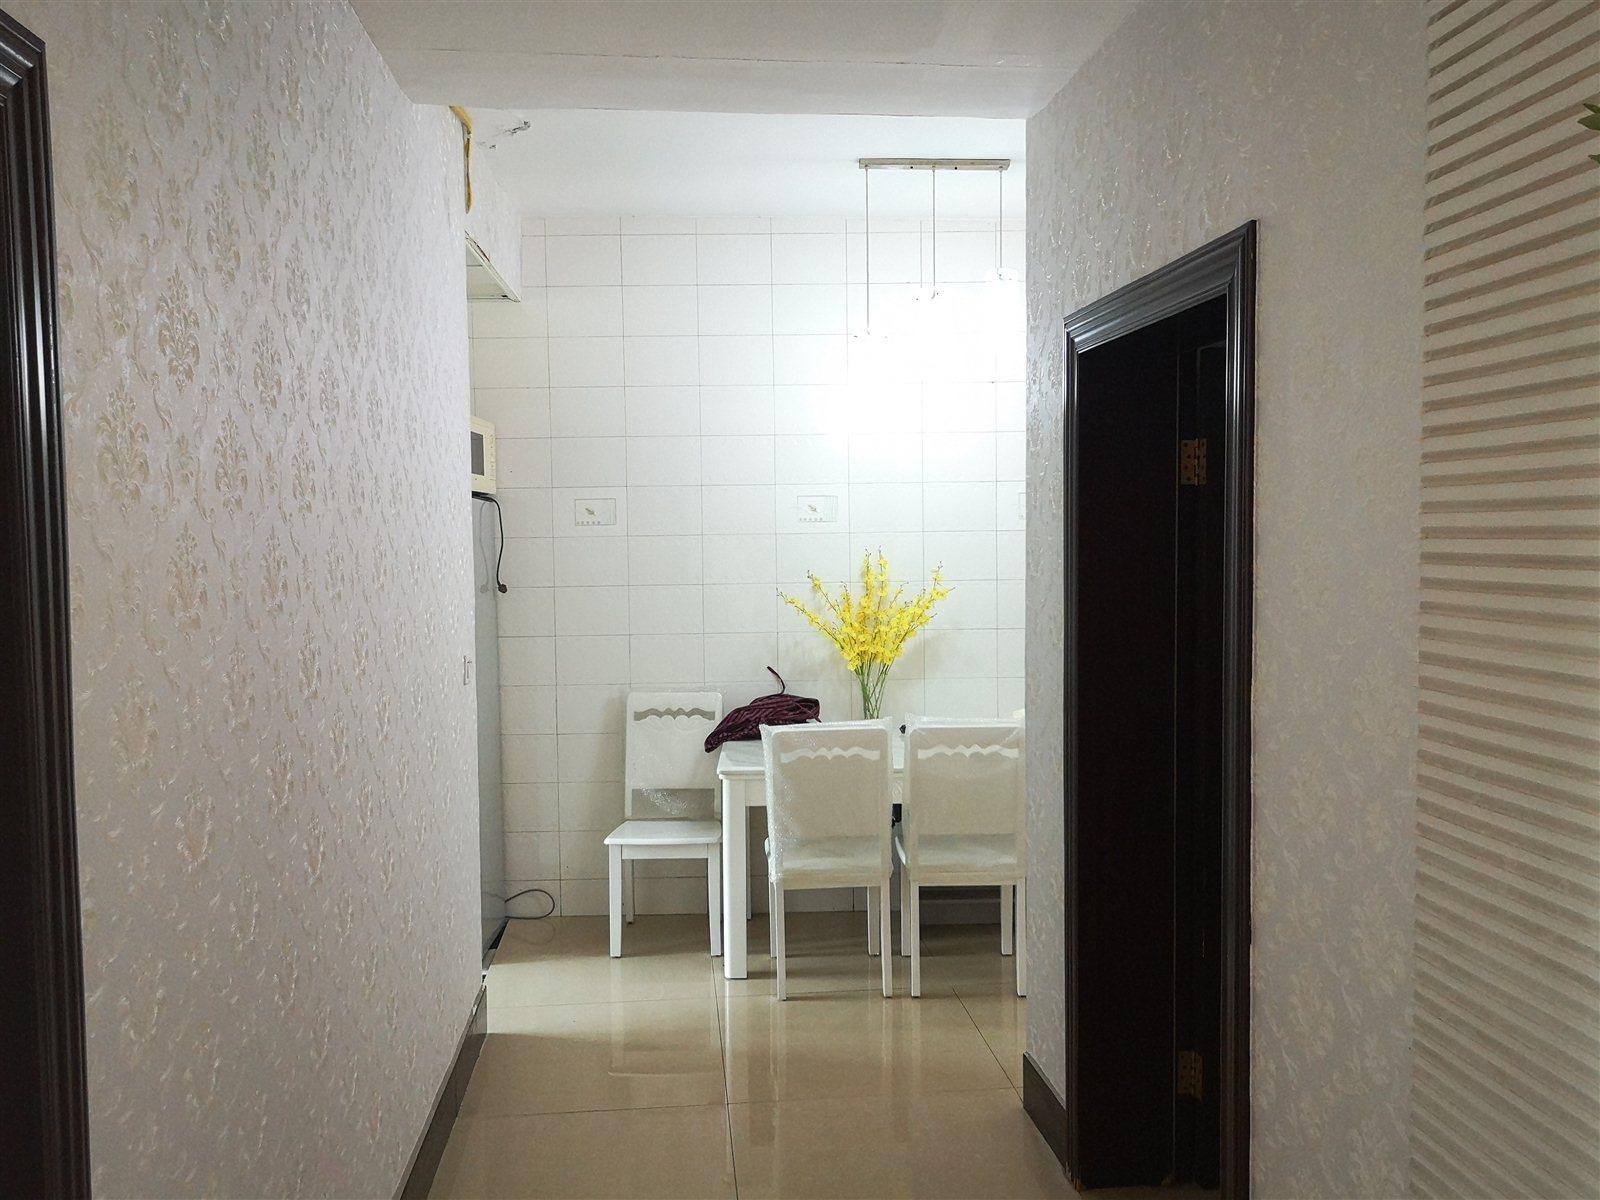 中鑫医院旁3室 1厅 1卫45.8万元